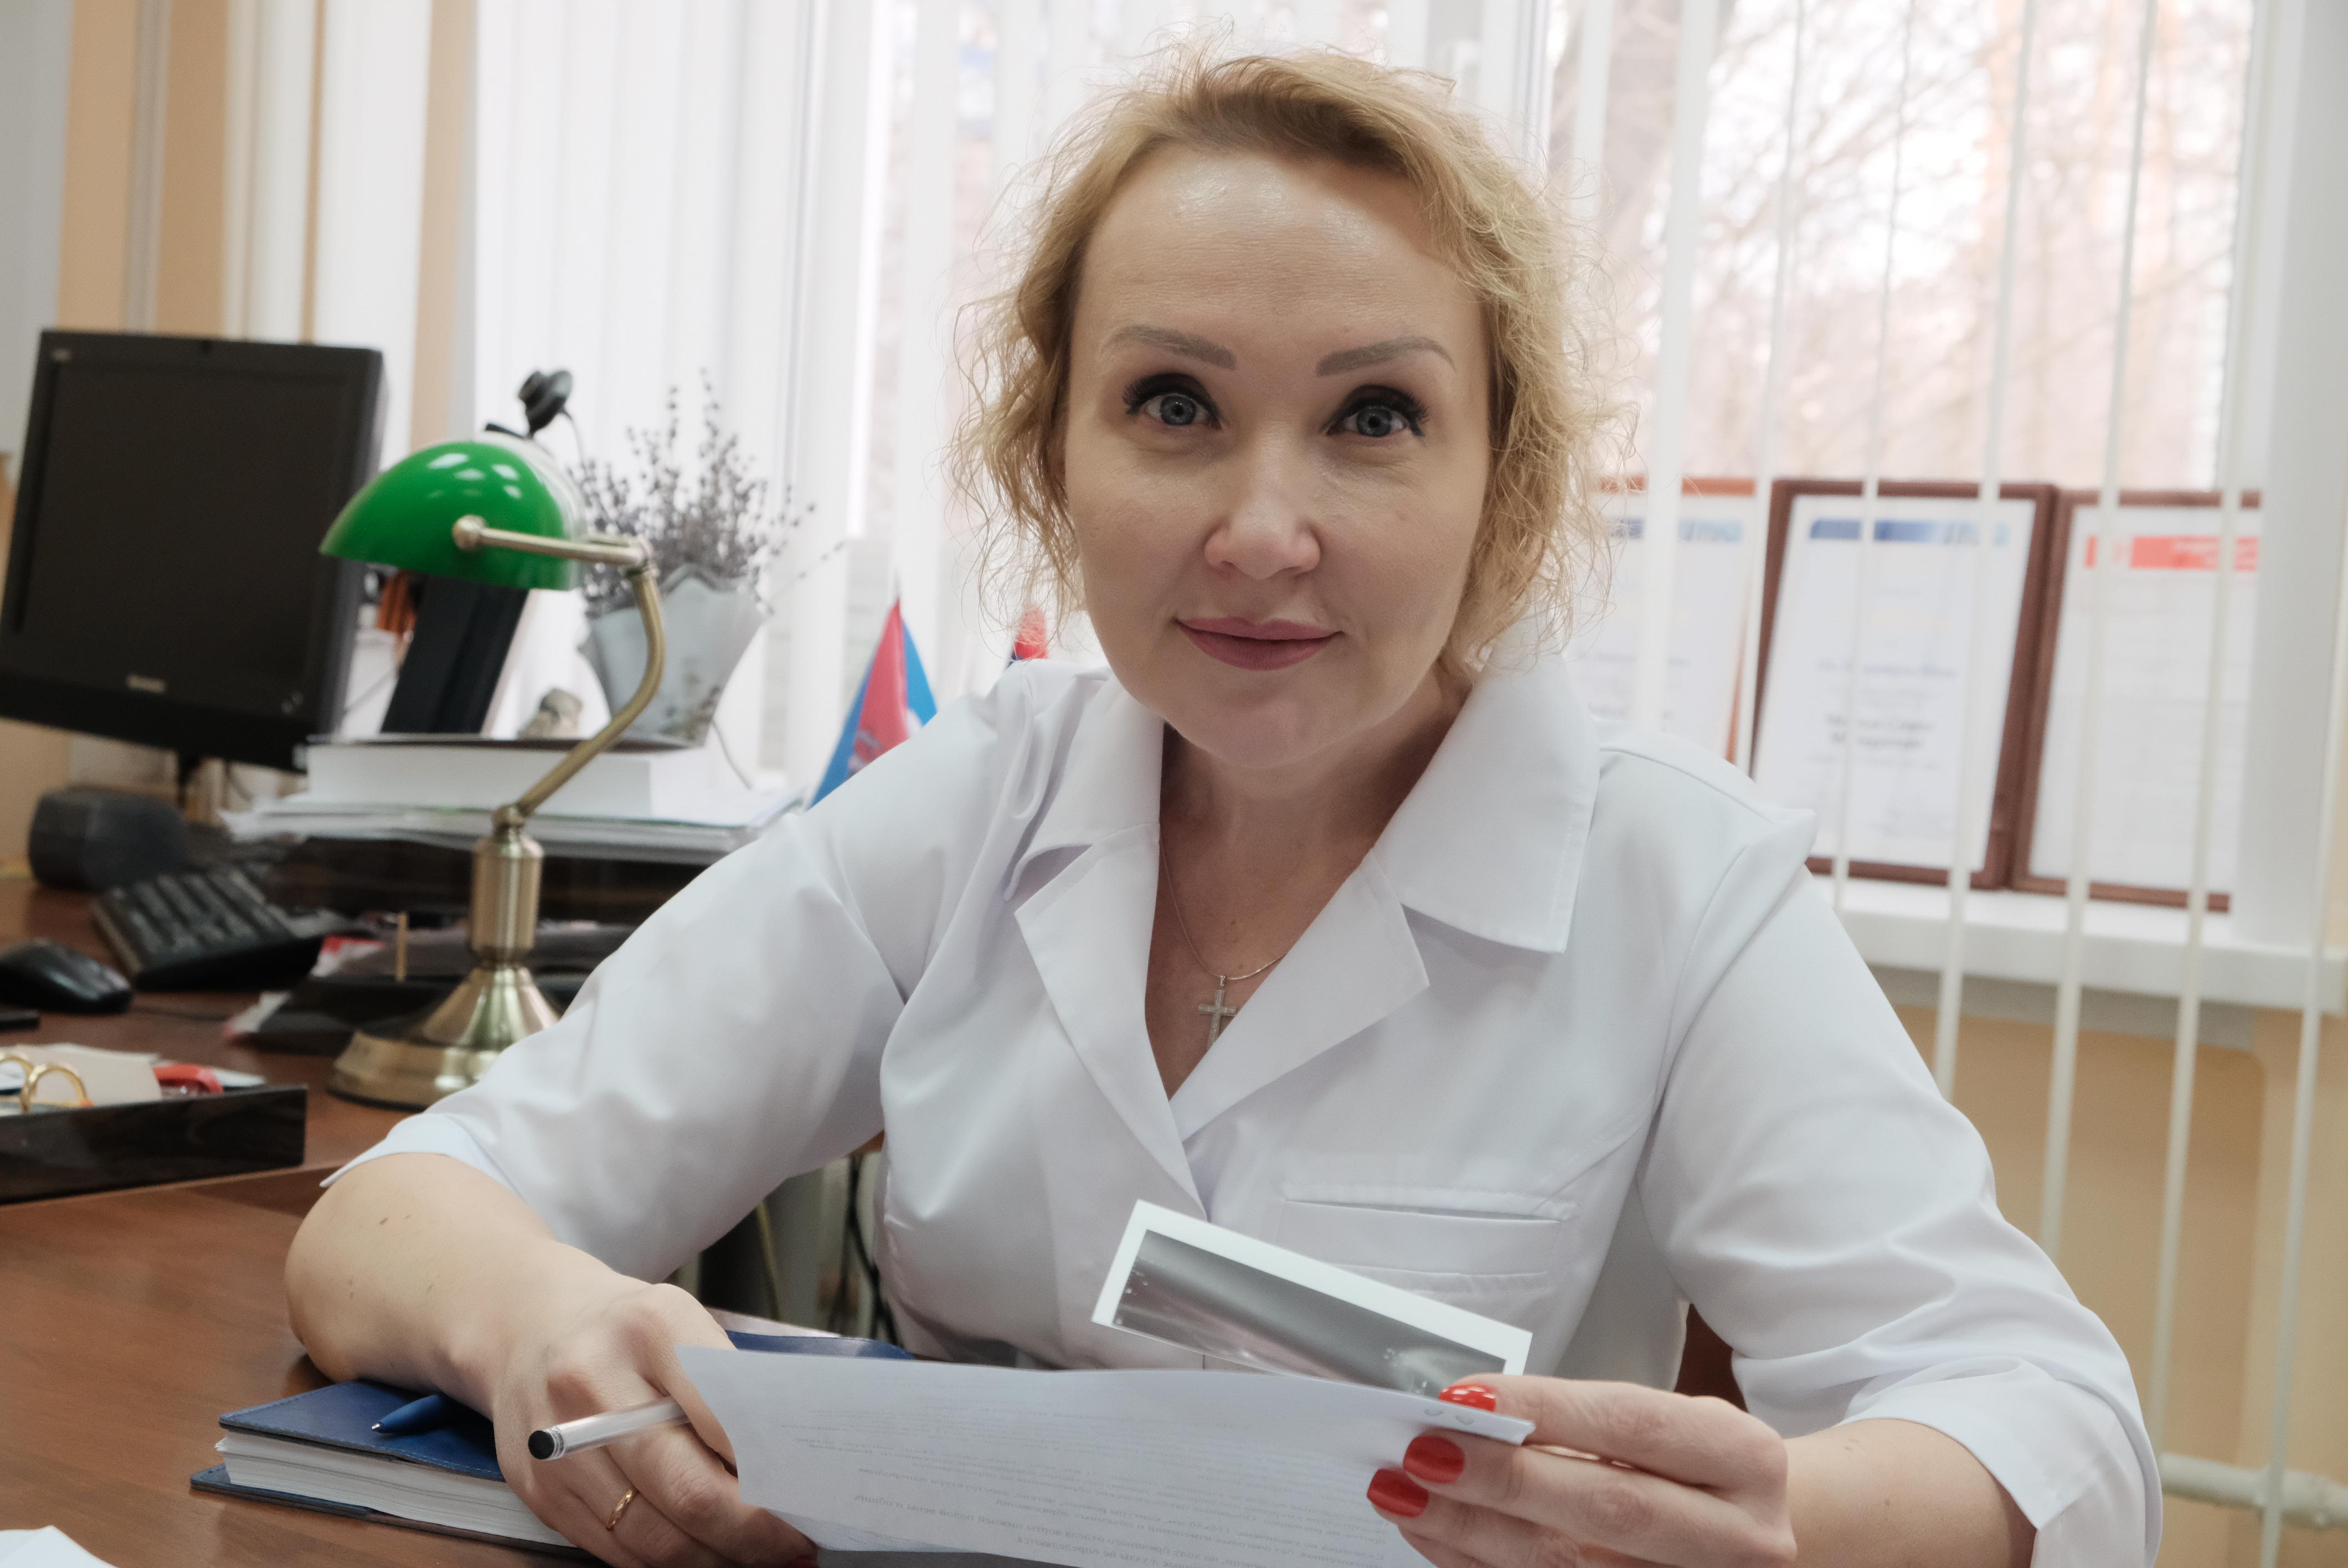 Депутат Мосгордумы Самышина: Ранняя диагностика рака молочной железы поможет победить болезнь